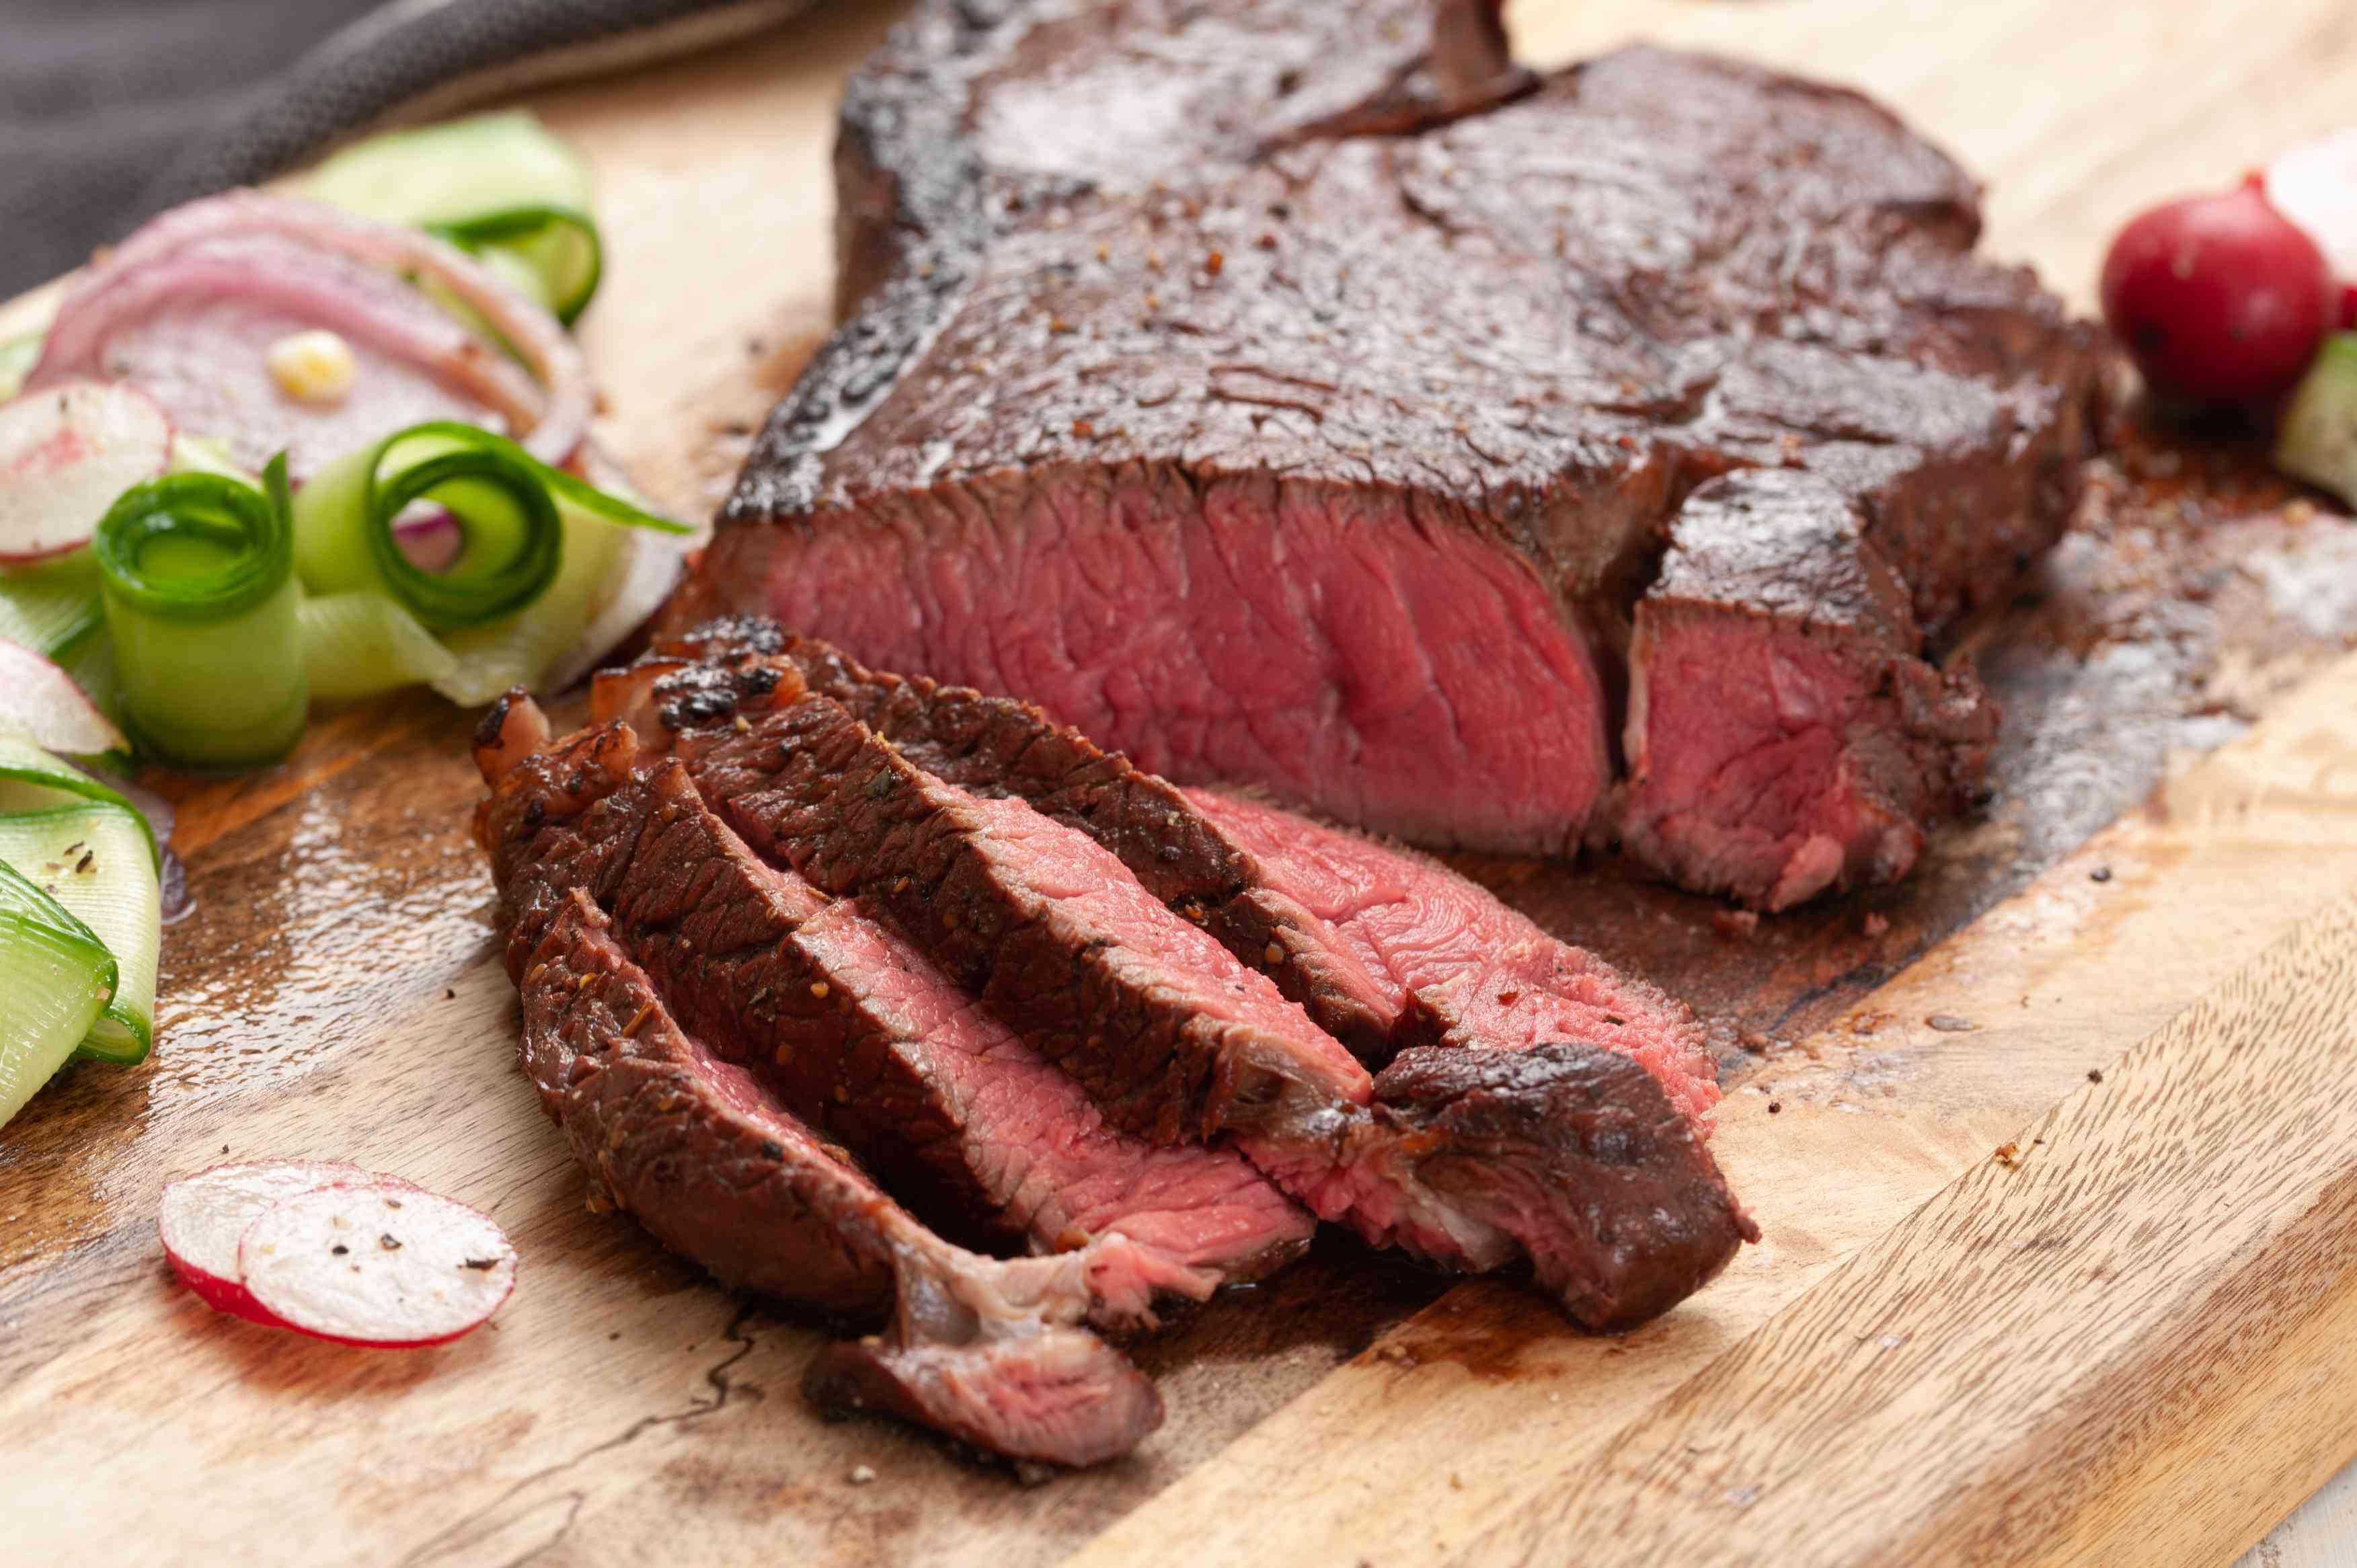 Steak is sliced thin